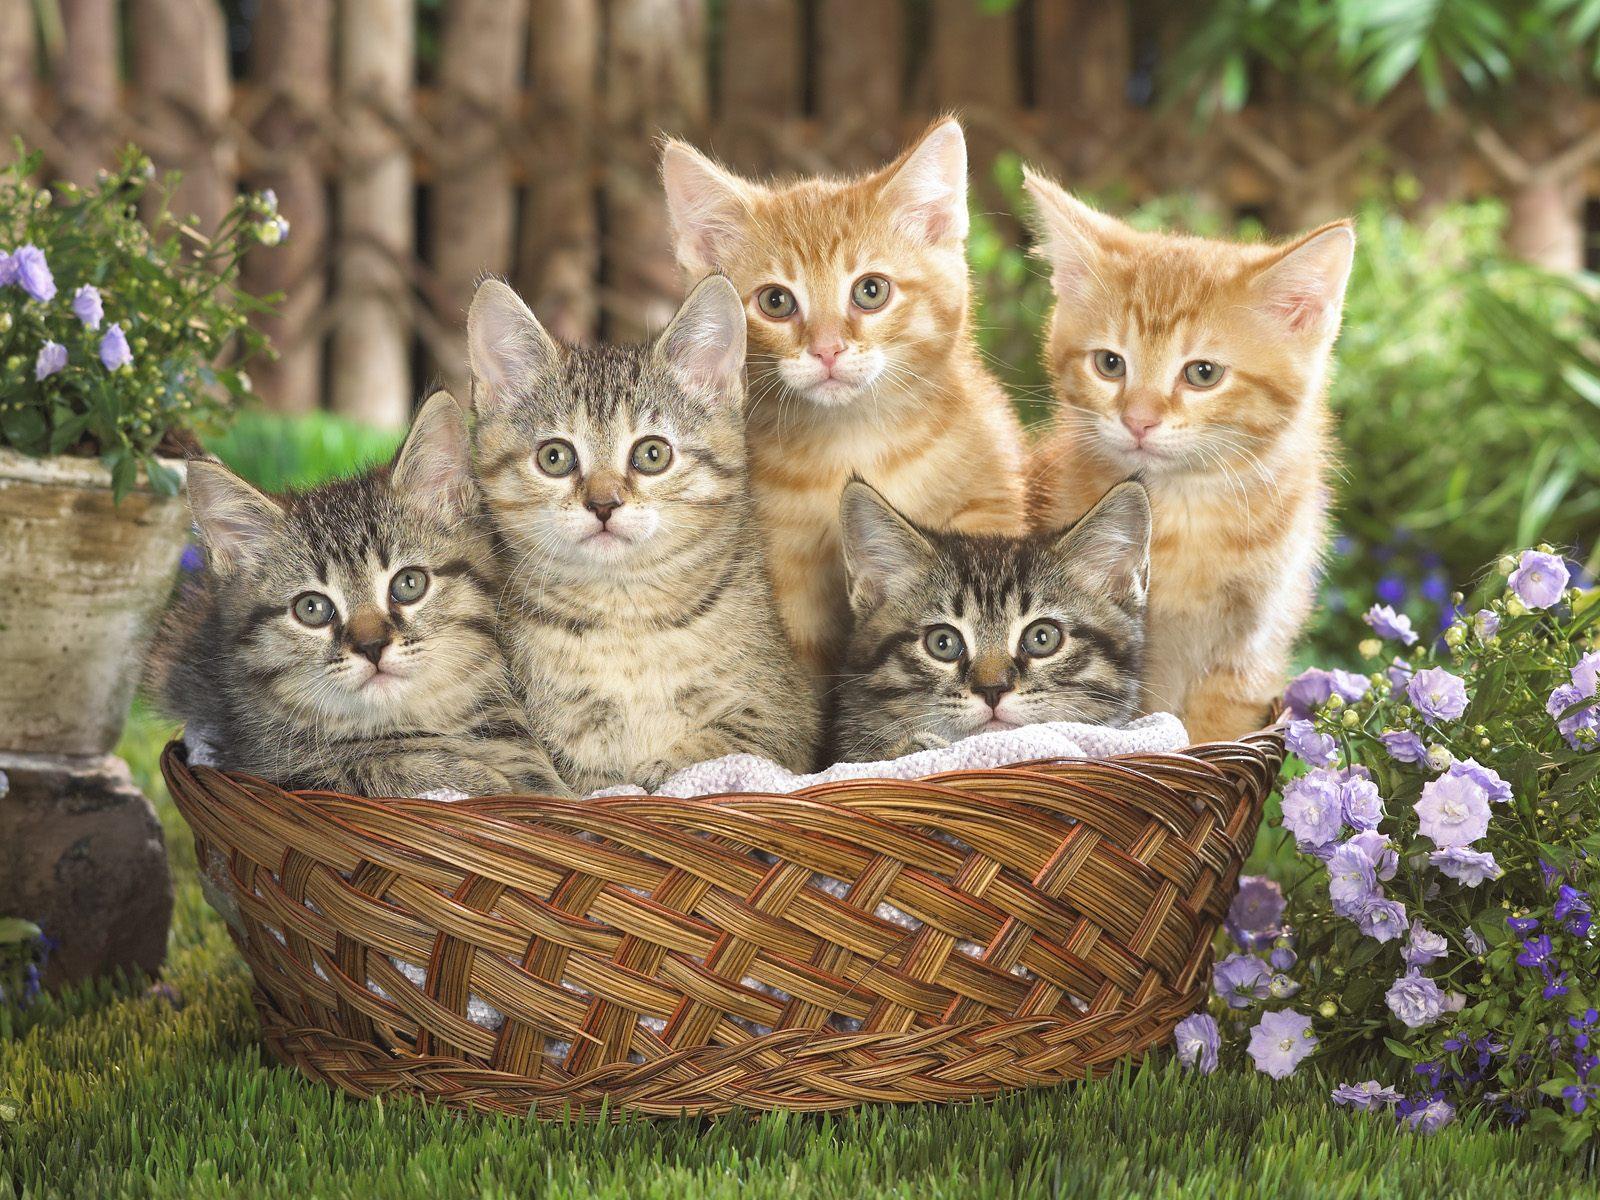 Как цвет кошки влияет на человека и его судьбу